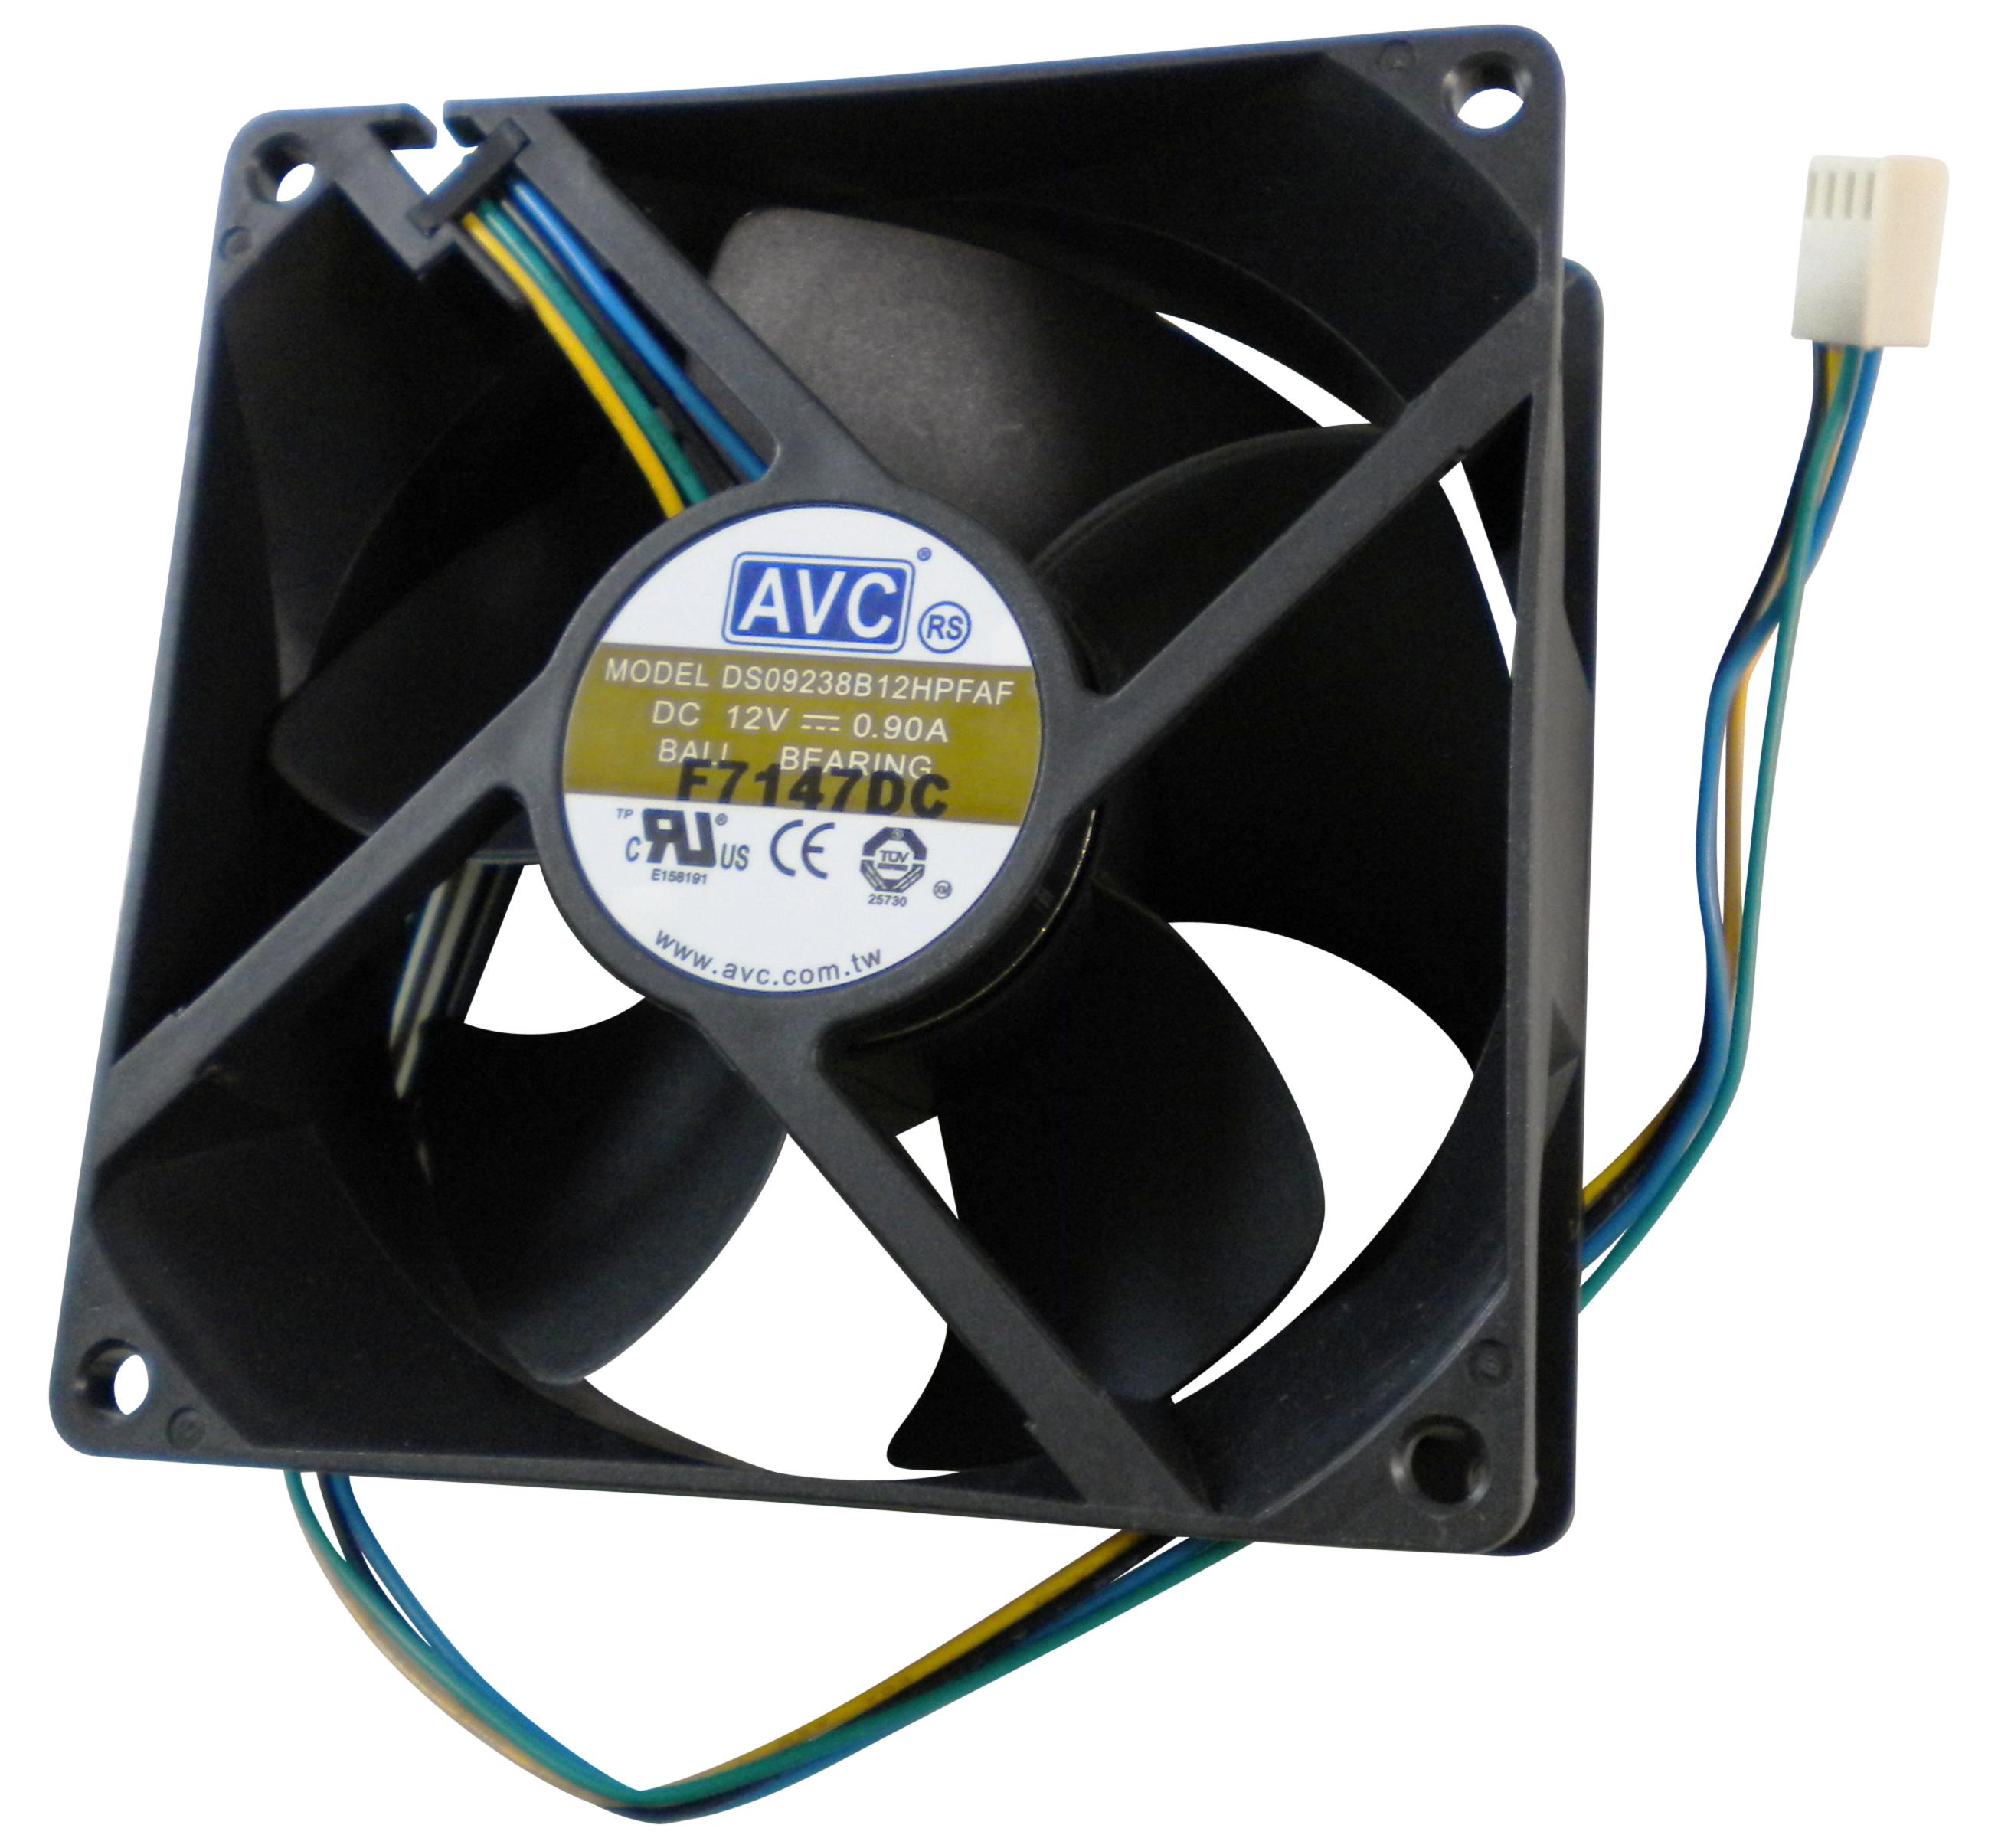 AVC DS09238B12H 92mm X 38mm 4-Pin PWM 2BB high speed fan